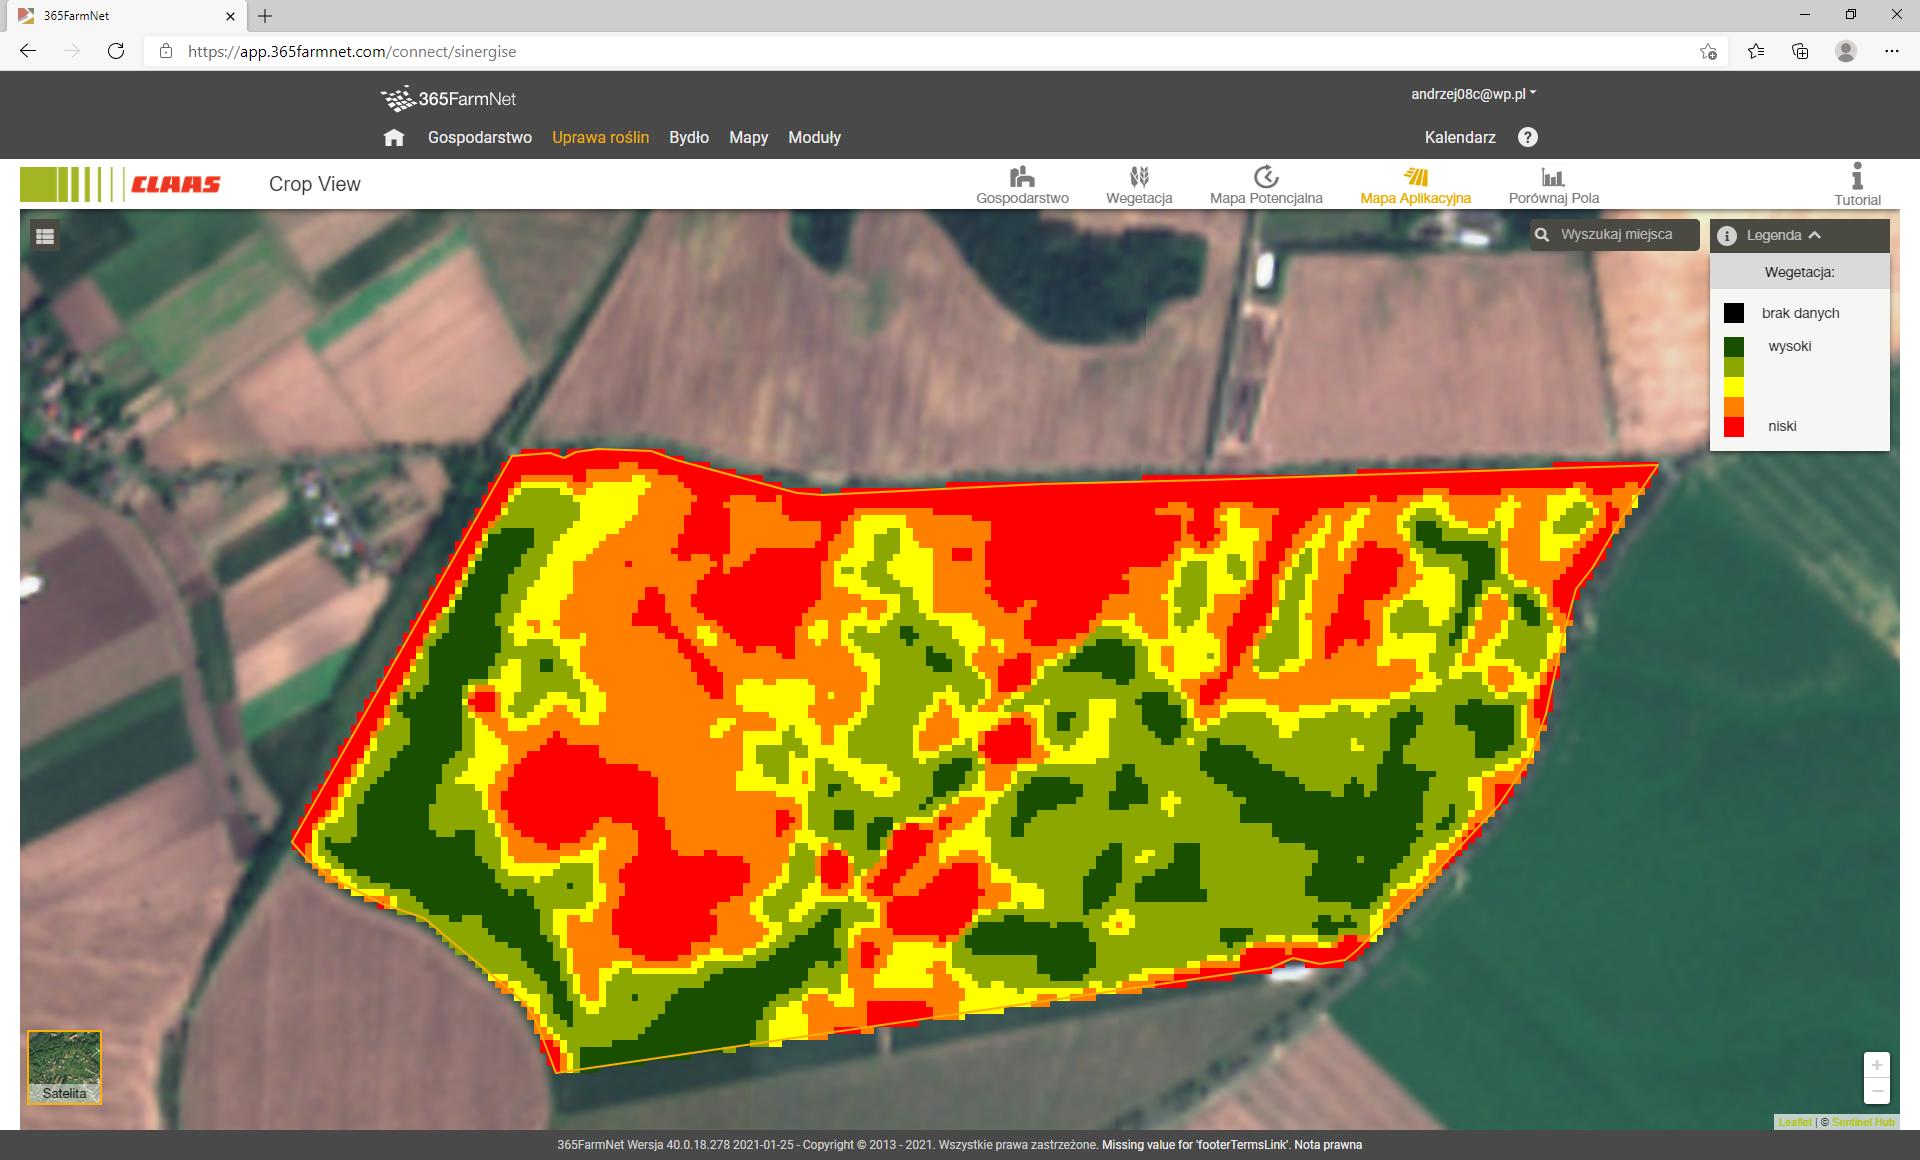 Spójrz na swoje pola z innej perspektywy i zobacz, jakie korzyści osiągniesz dzięki technologii CLAAS CROP VIEW